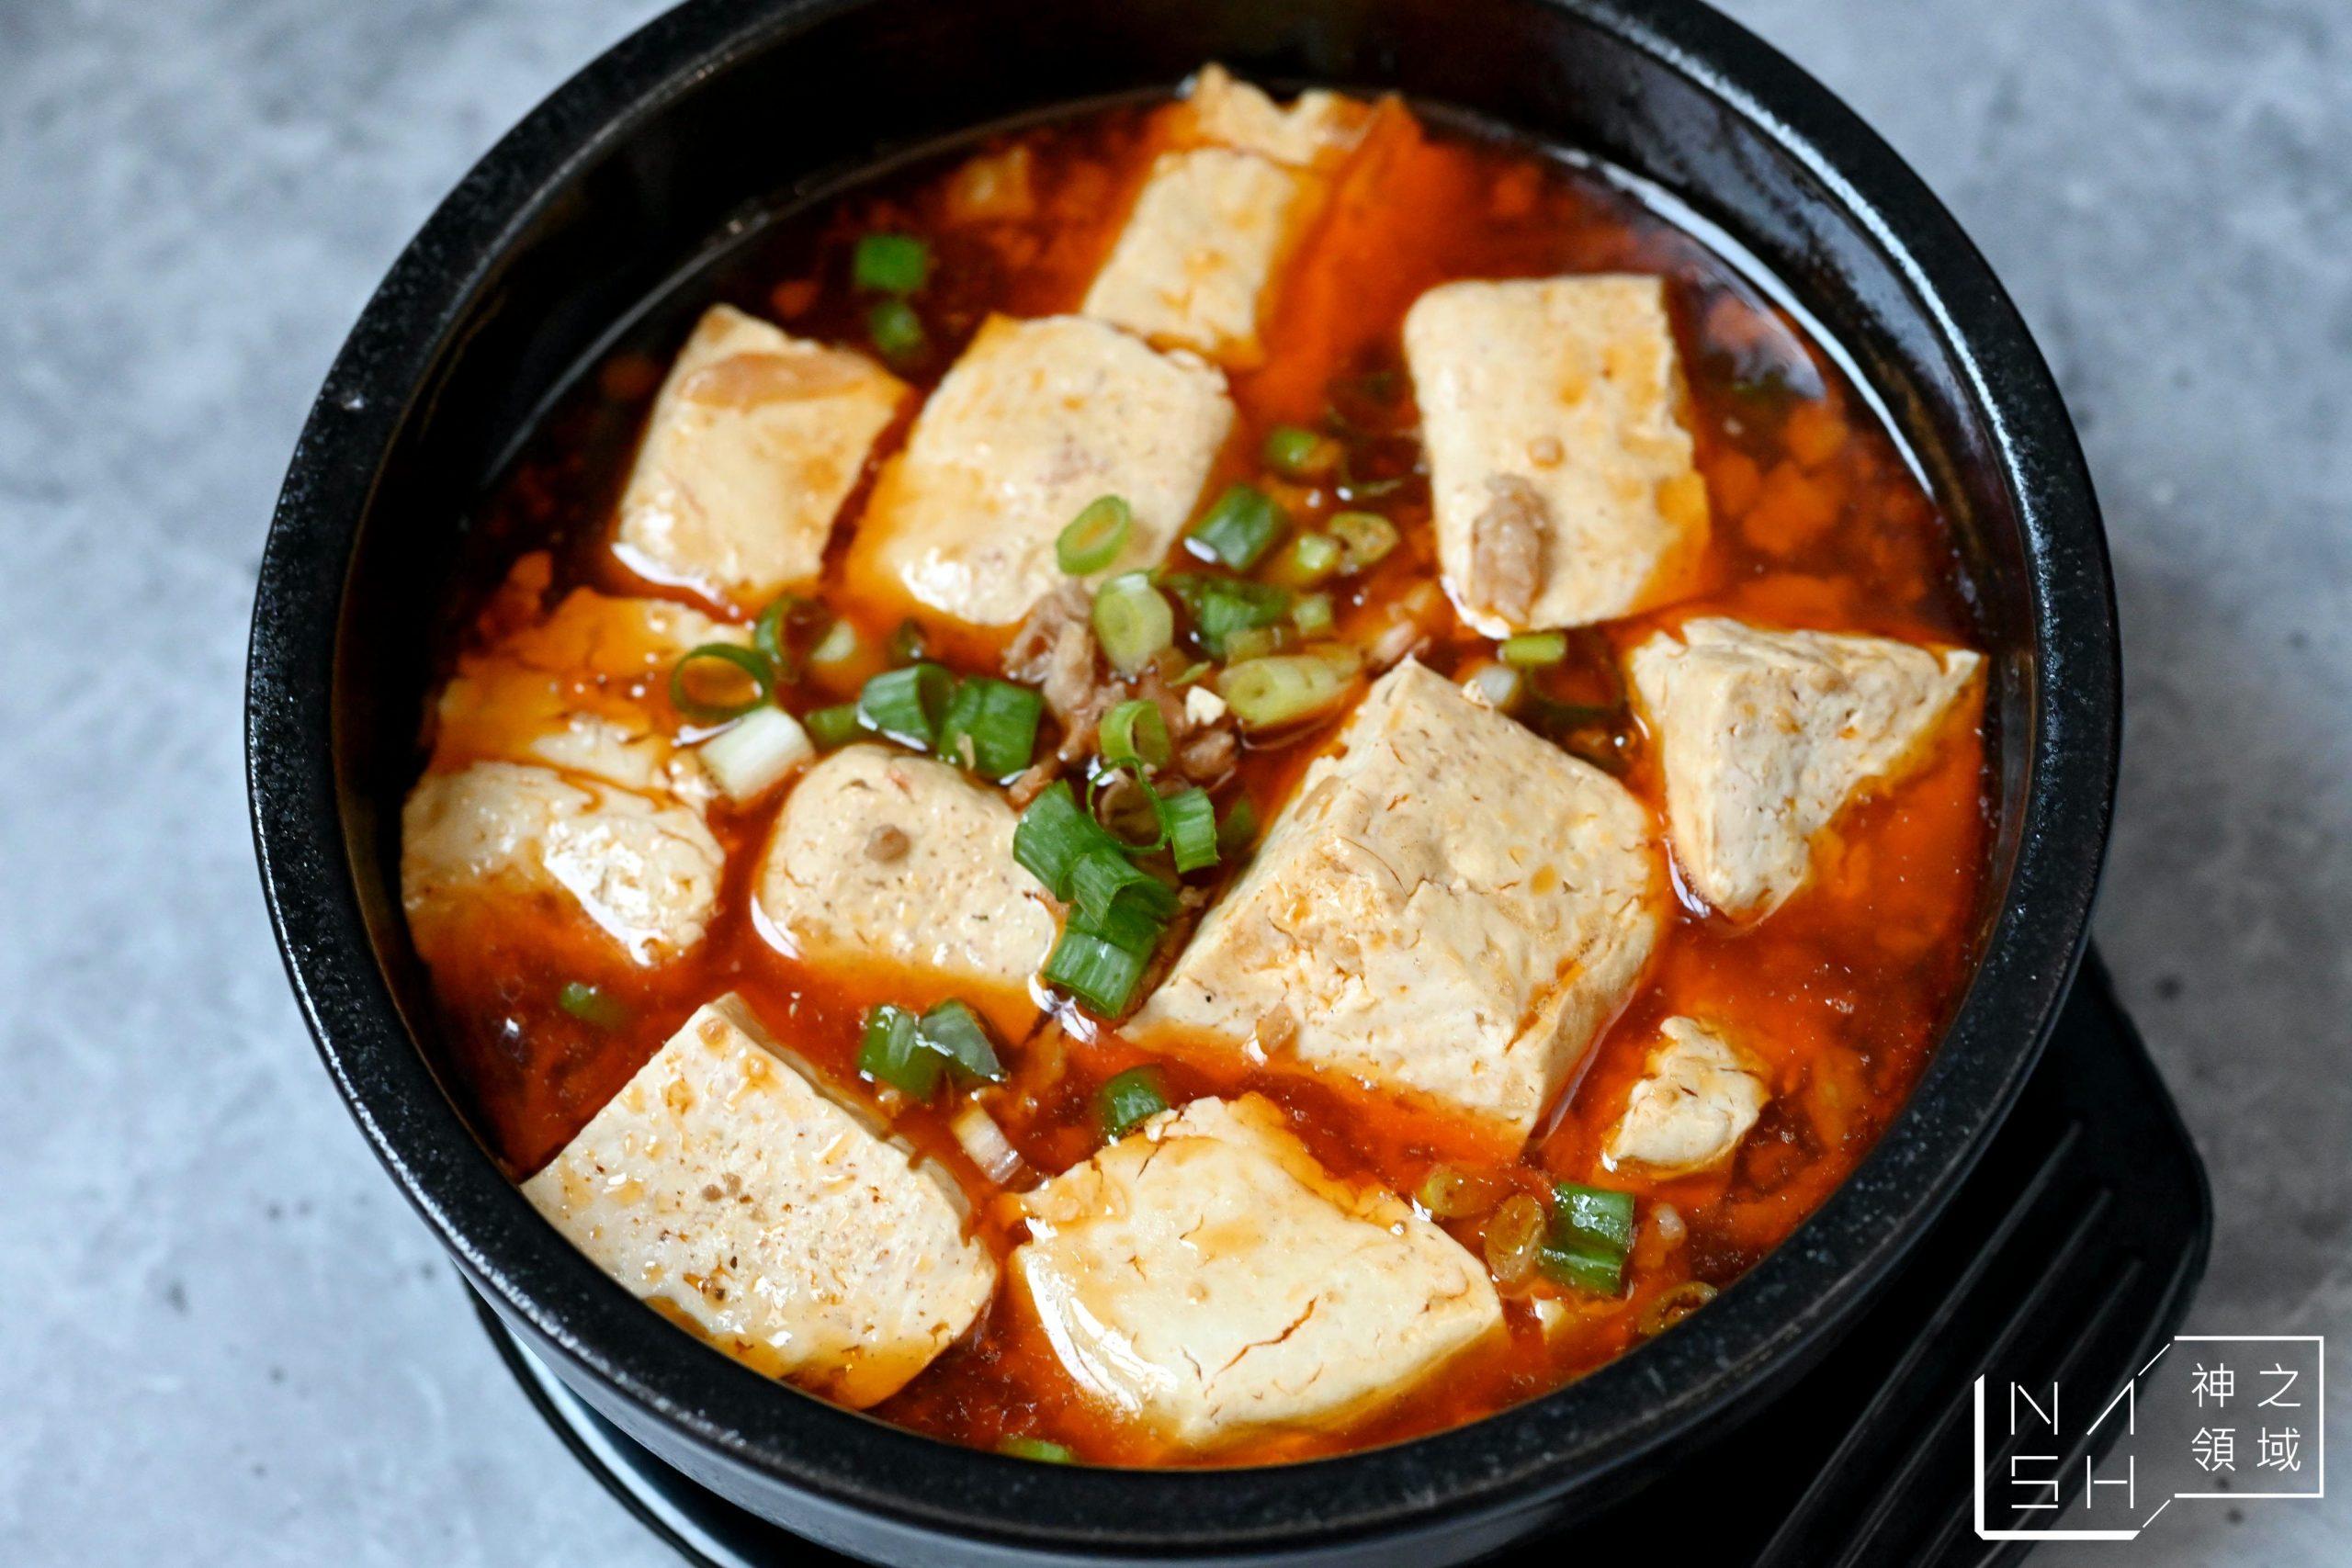 長興麻辣臭豆腐